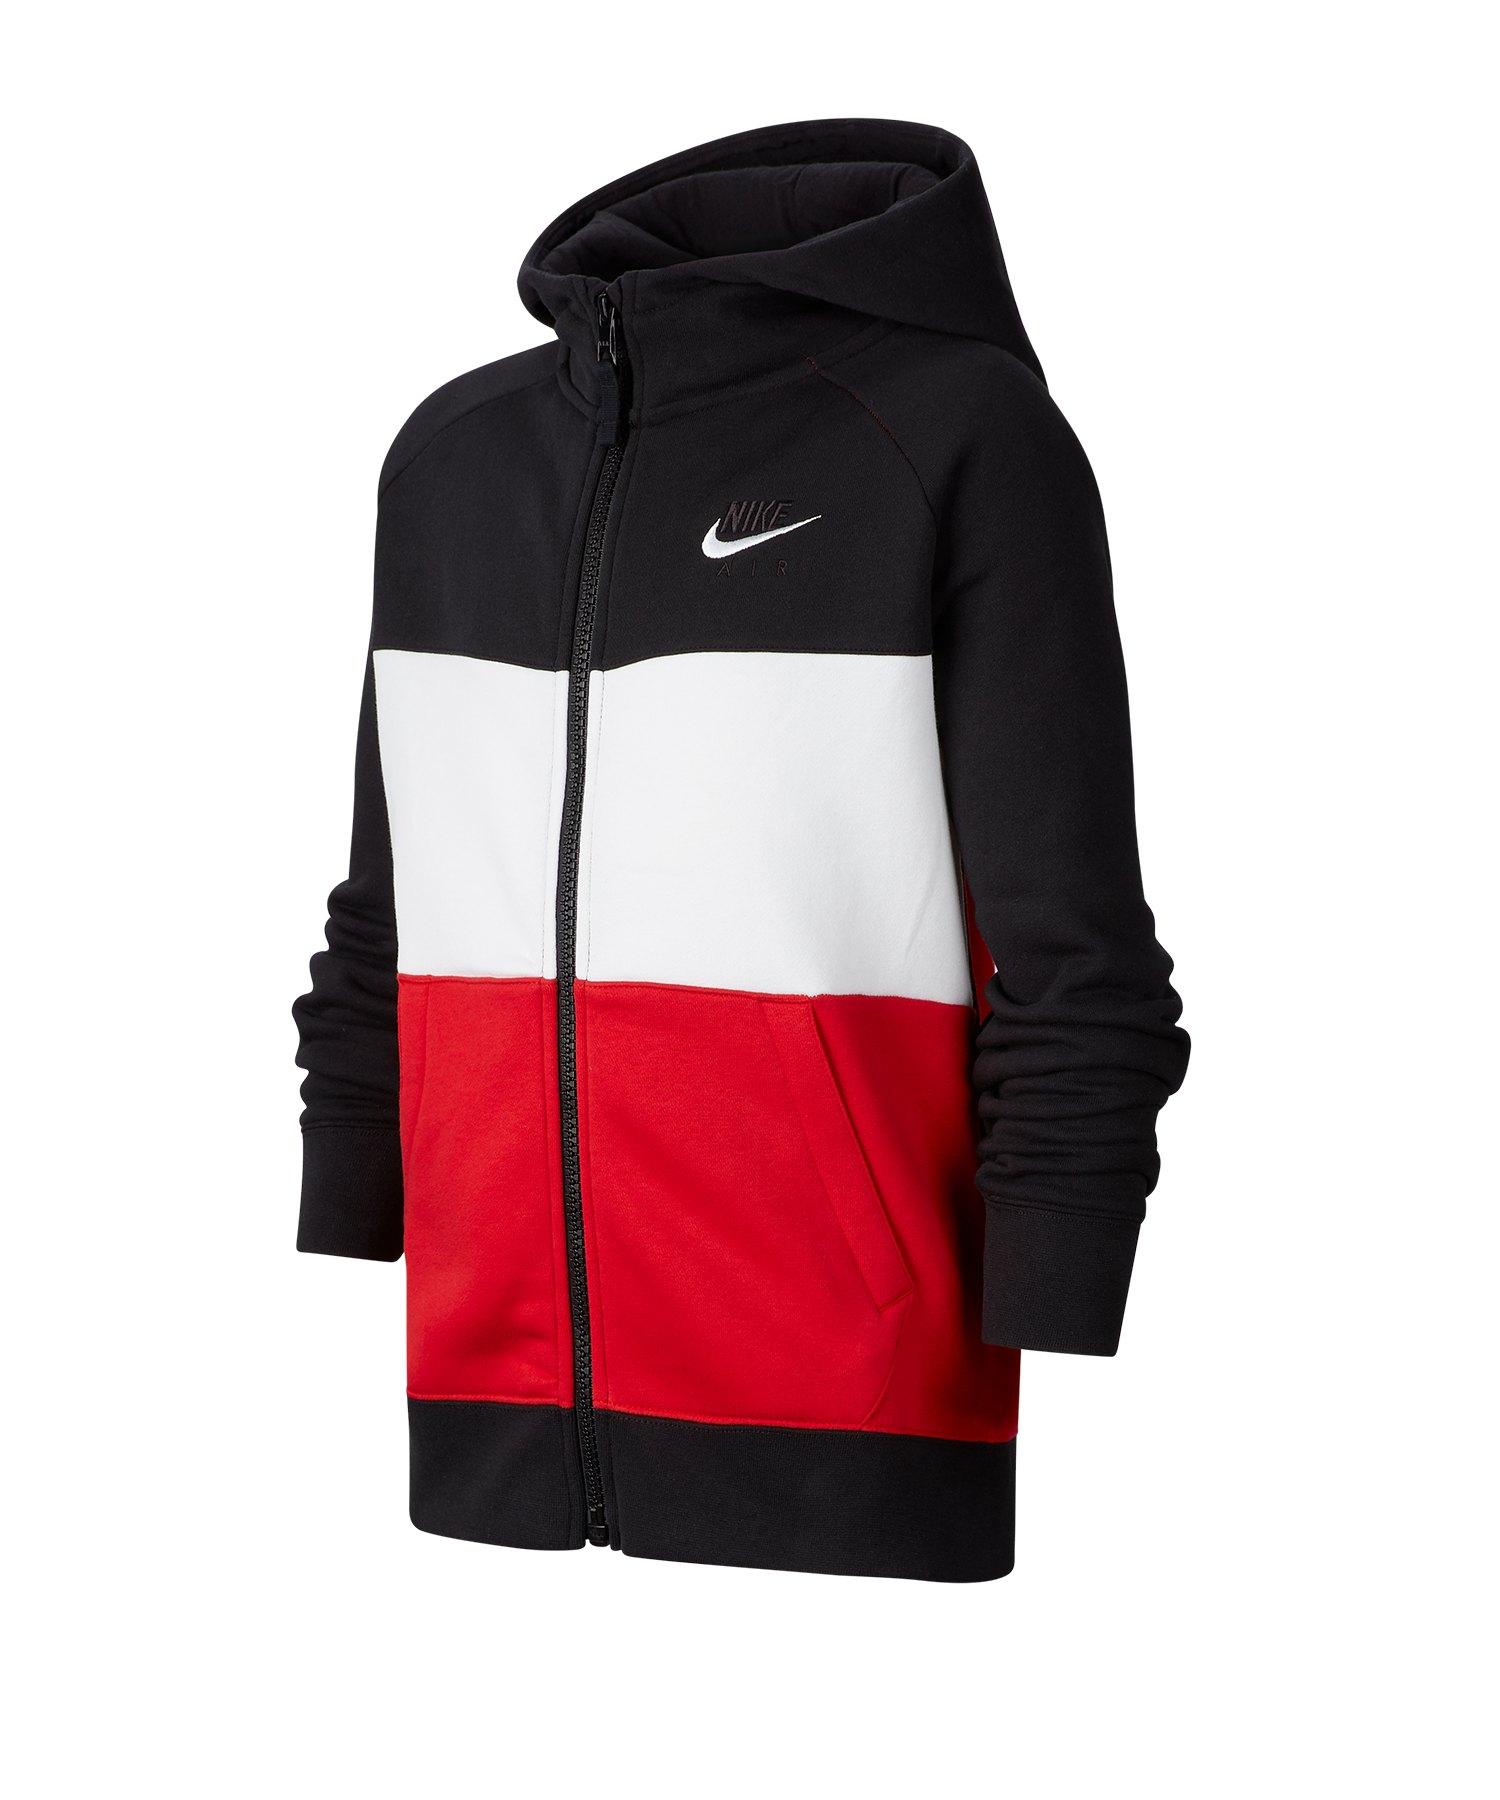 Nike Air Kapuzenjacke Kids Schwarz F011 - schwarz